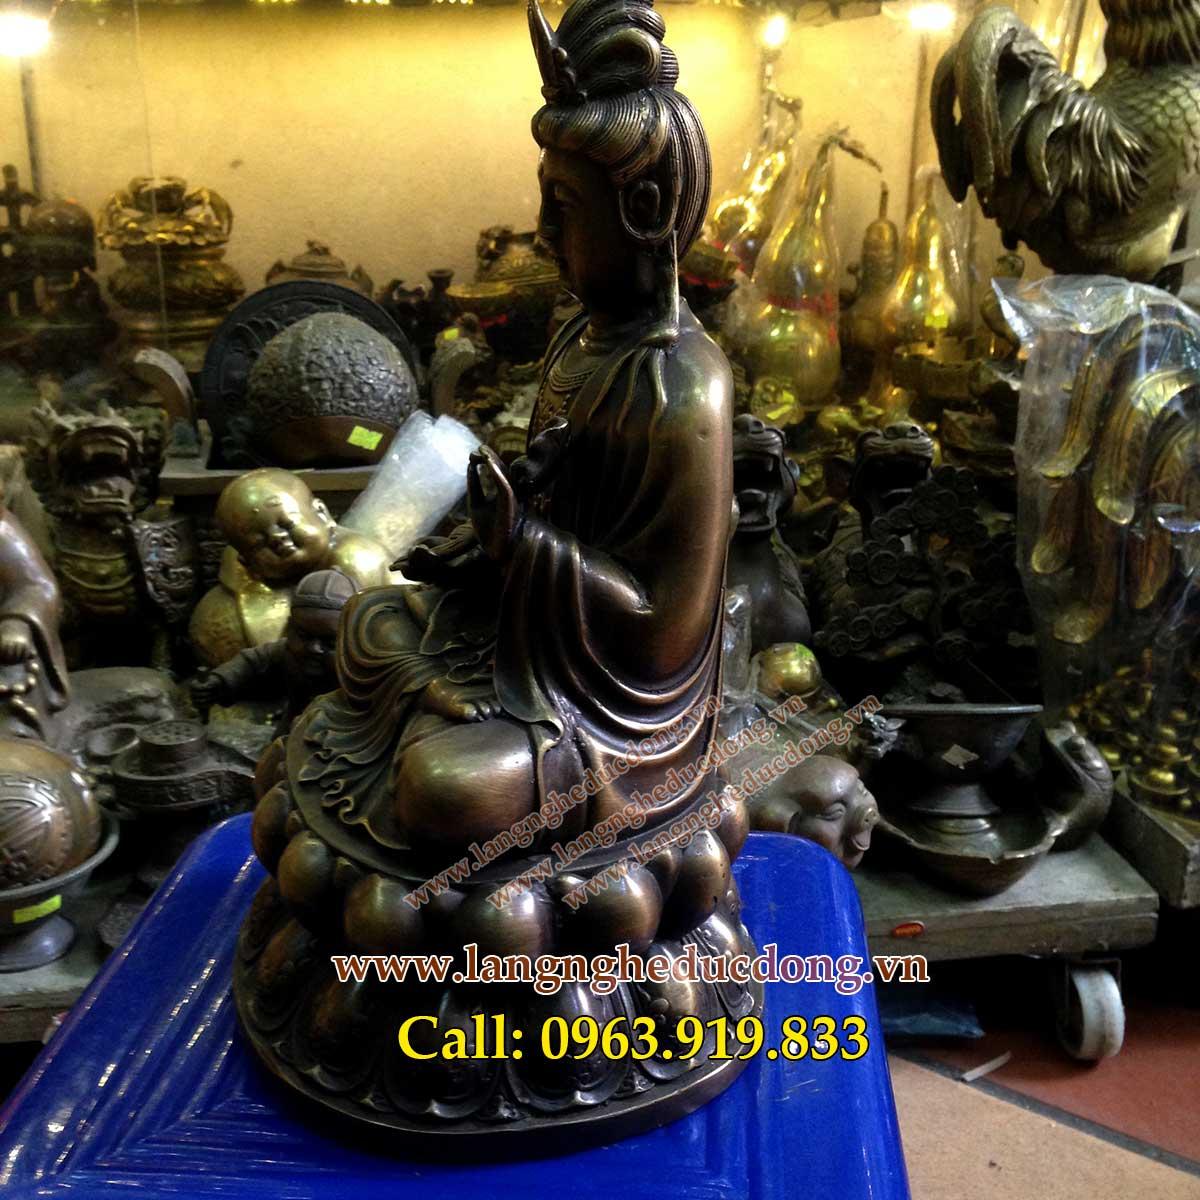 langngheducdong.vn - ượng đồng đại thế chí bồ tát, tượng thế chí bồ tát cao 25cm, mẫu tượng đại thế chí ngồi